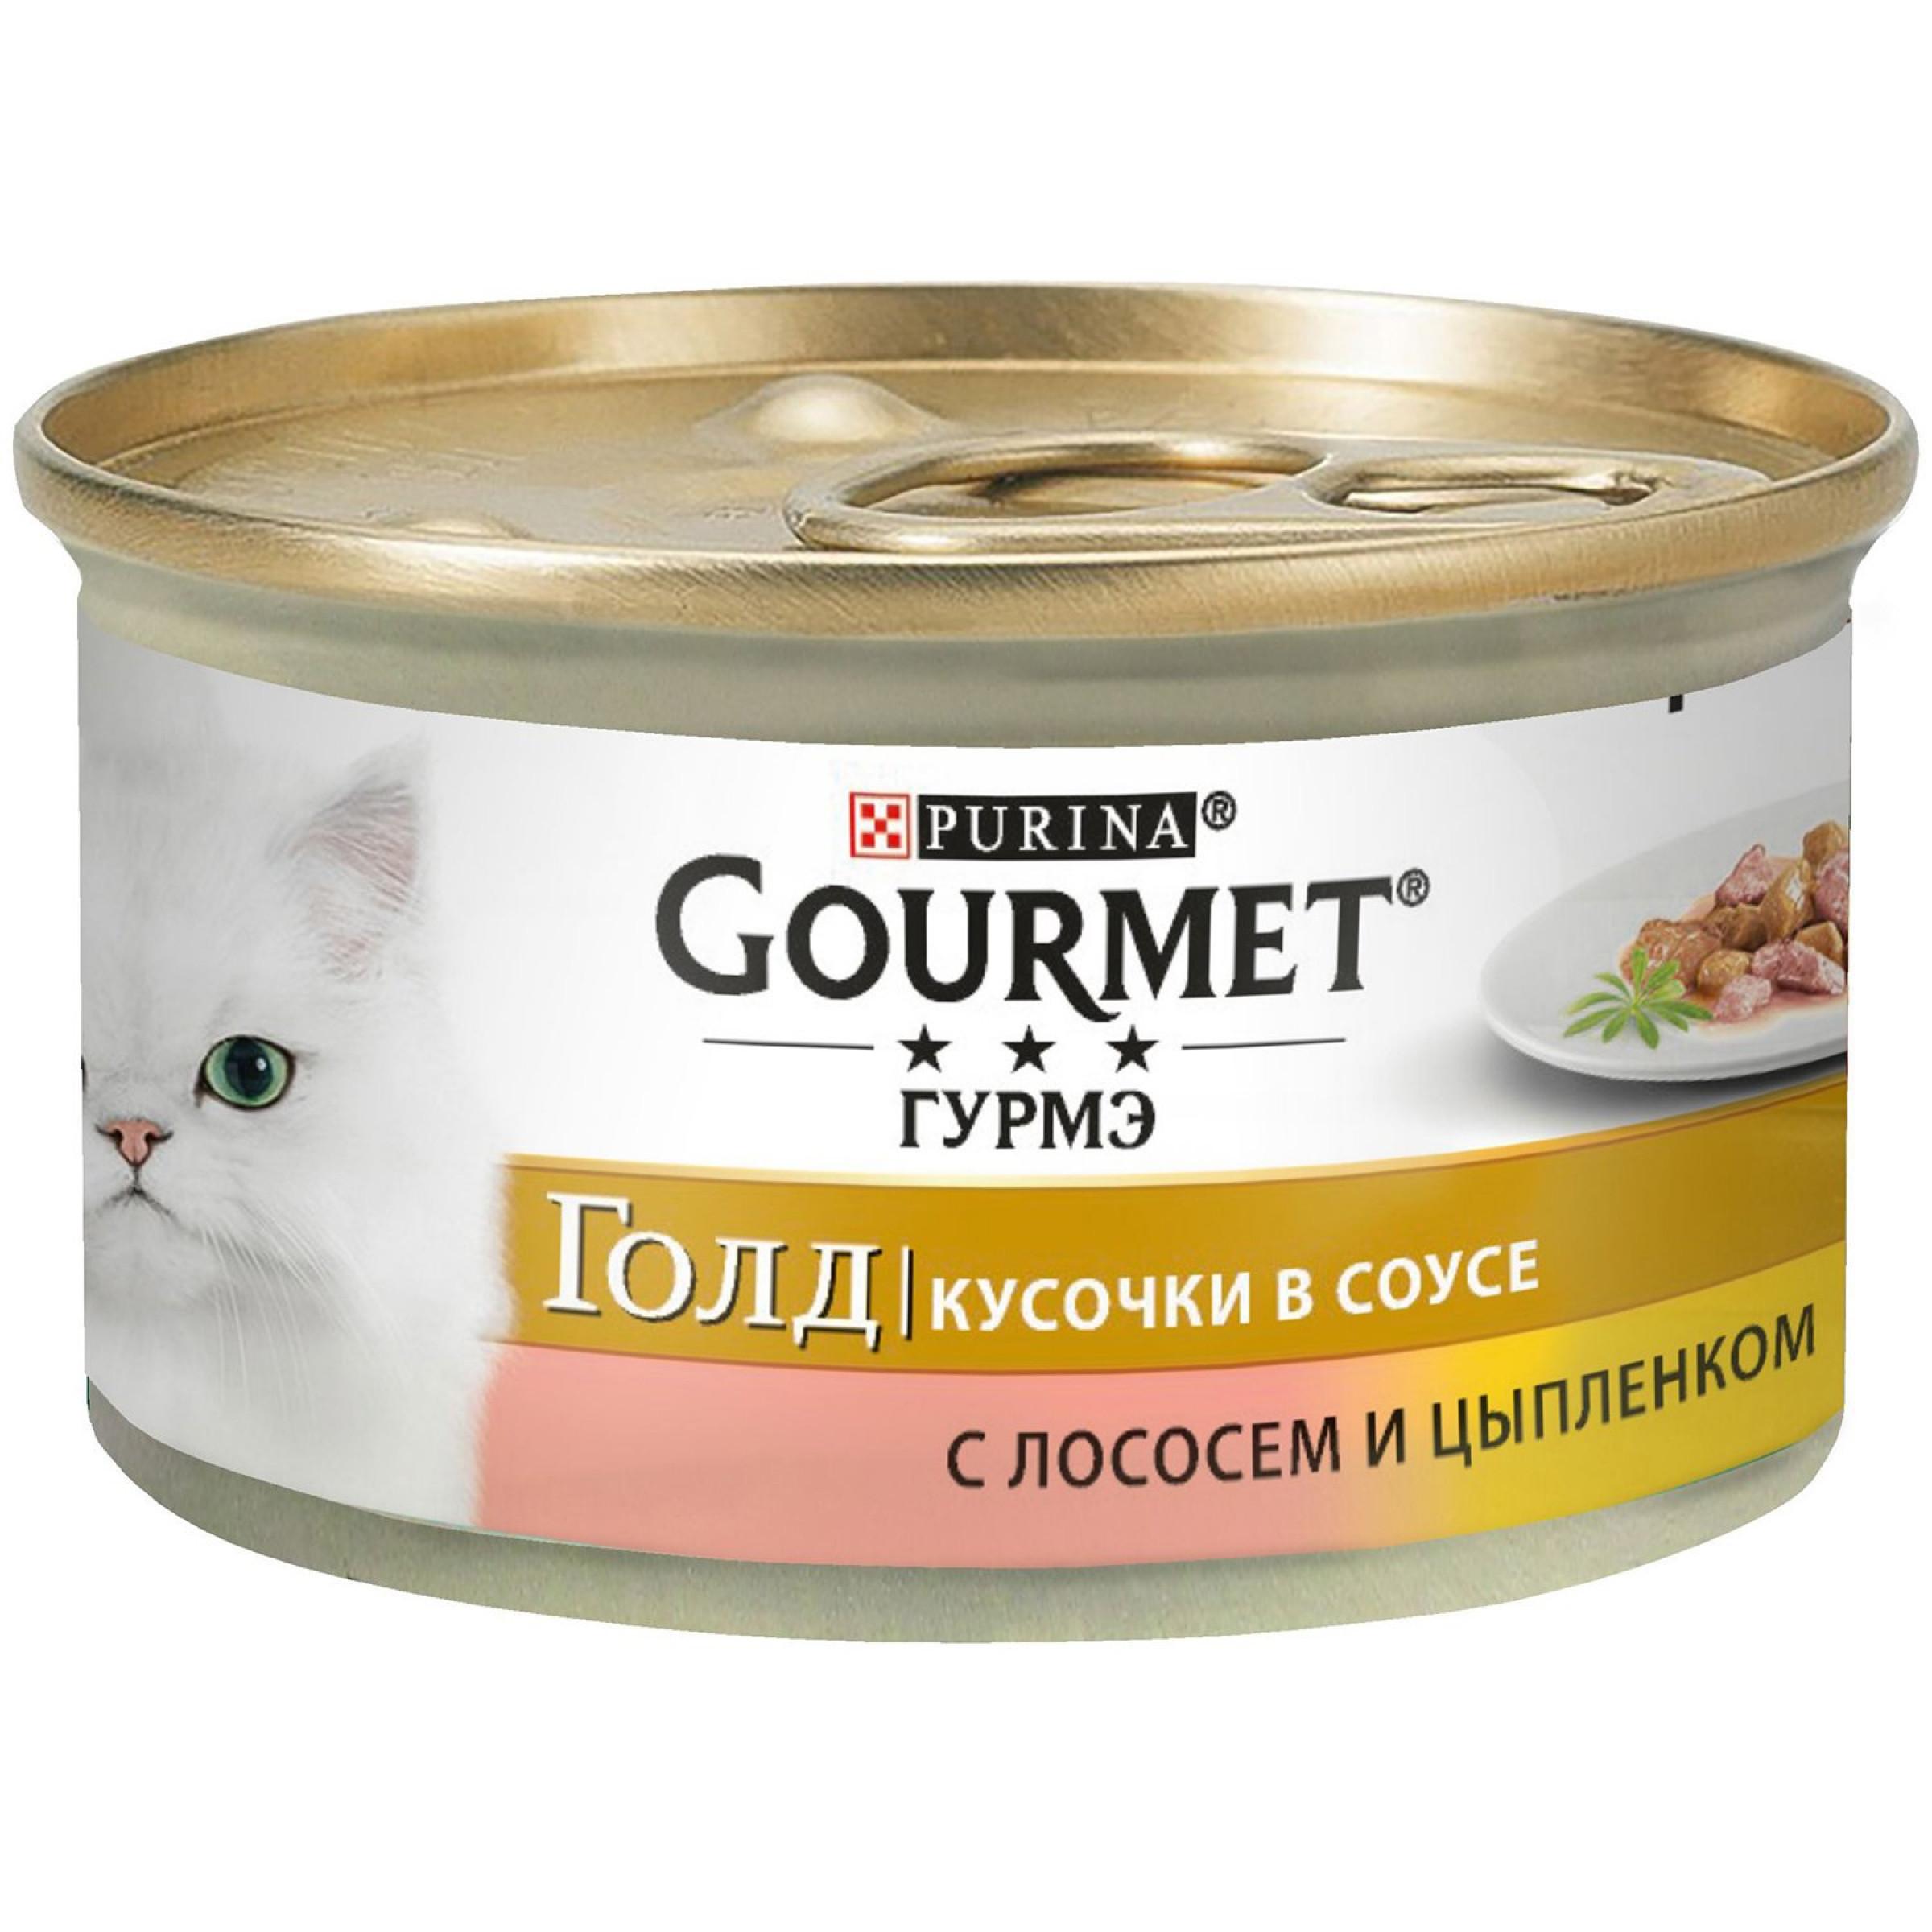 Влажный корм для кошек GOURMET Gold кусочки в подливке с лососем и цыпленком, 85 гр